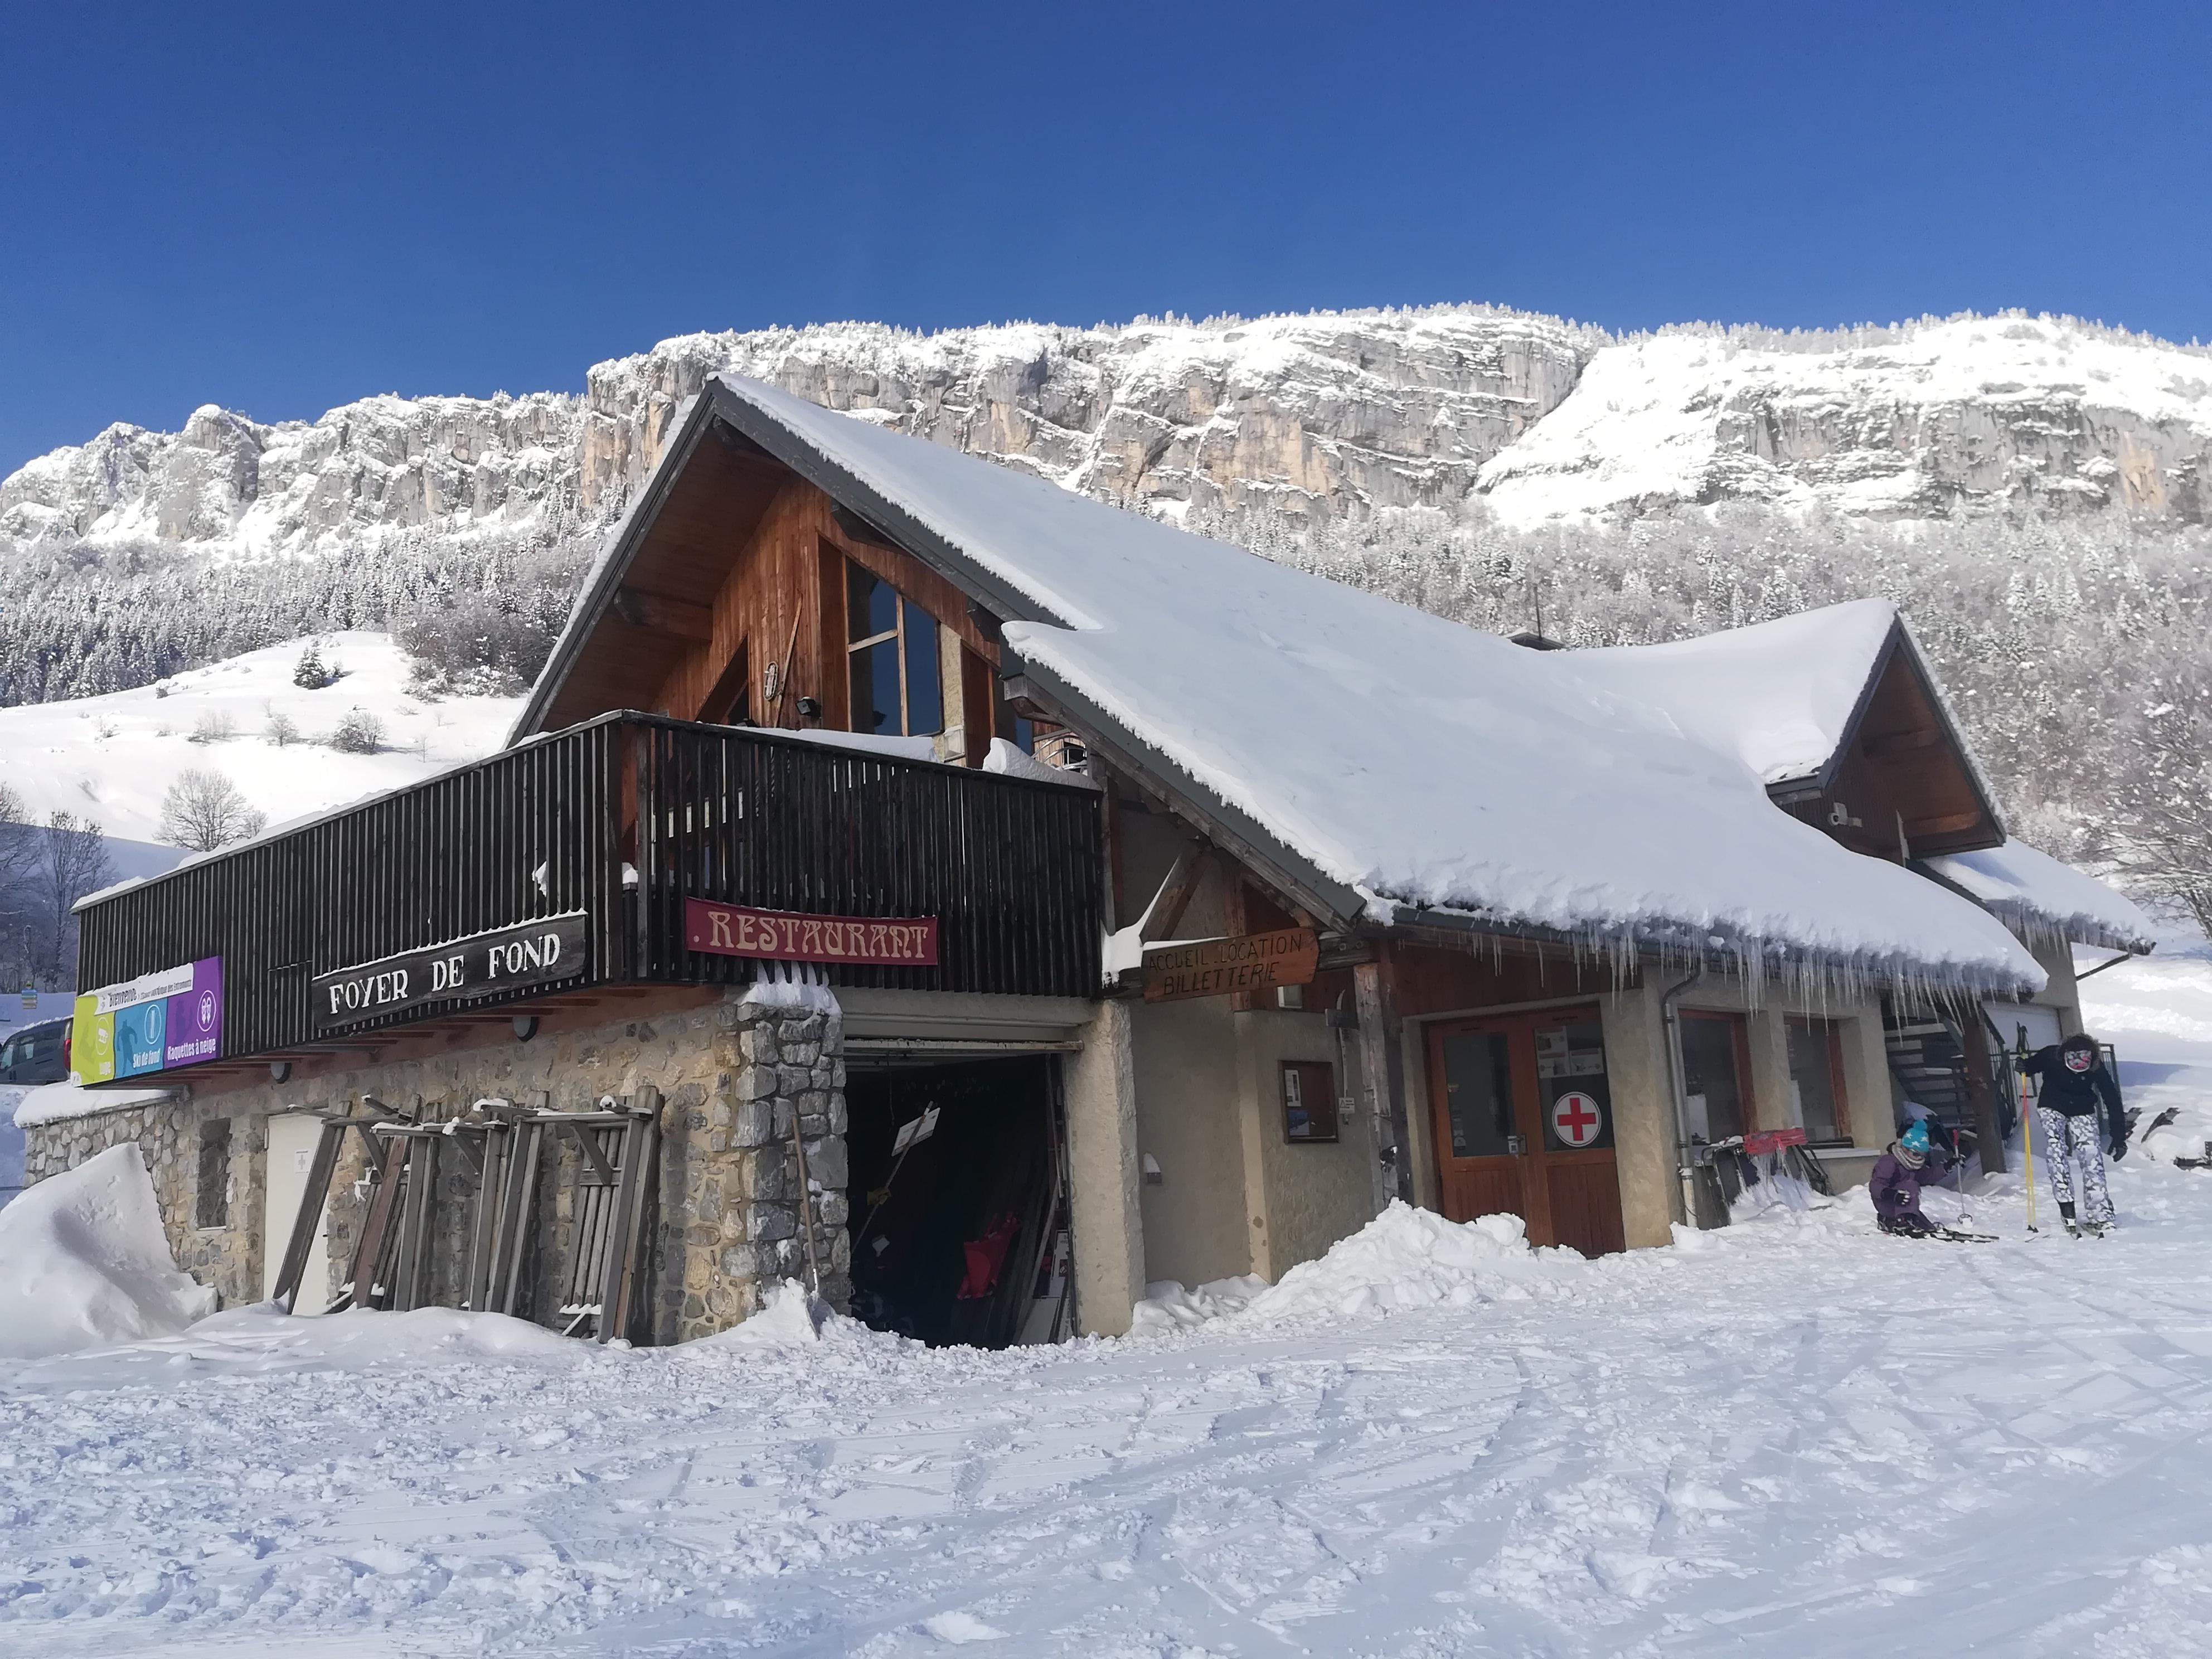 Stage ski de fond2-chambery